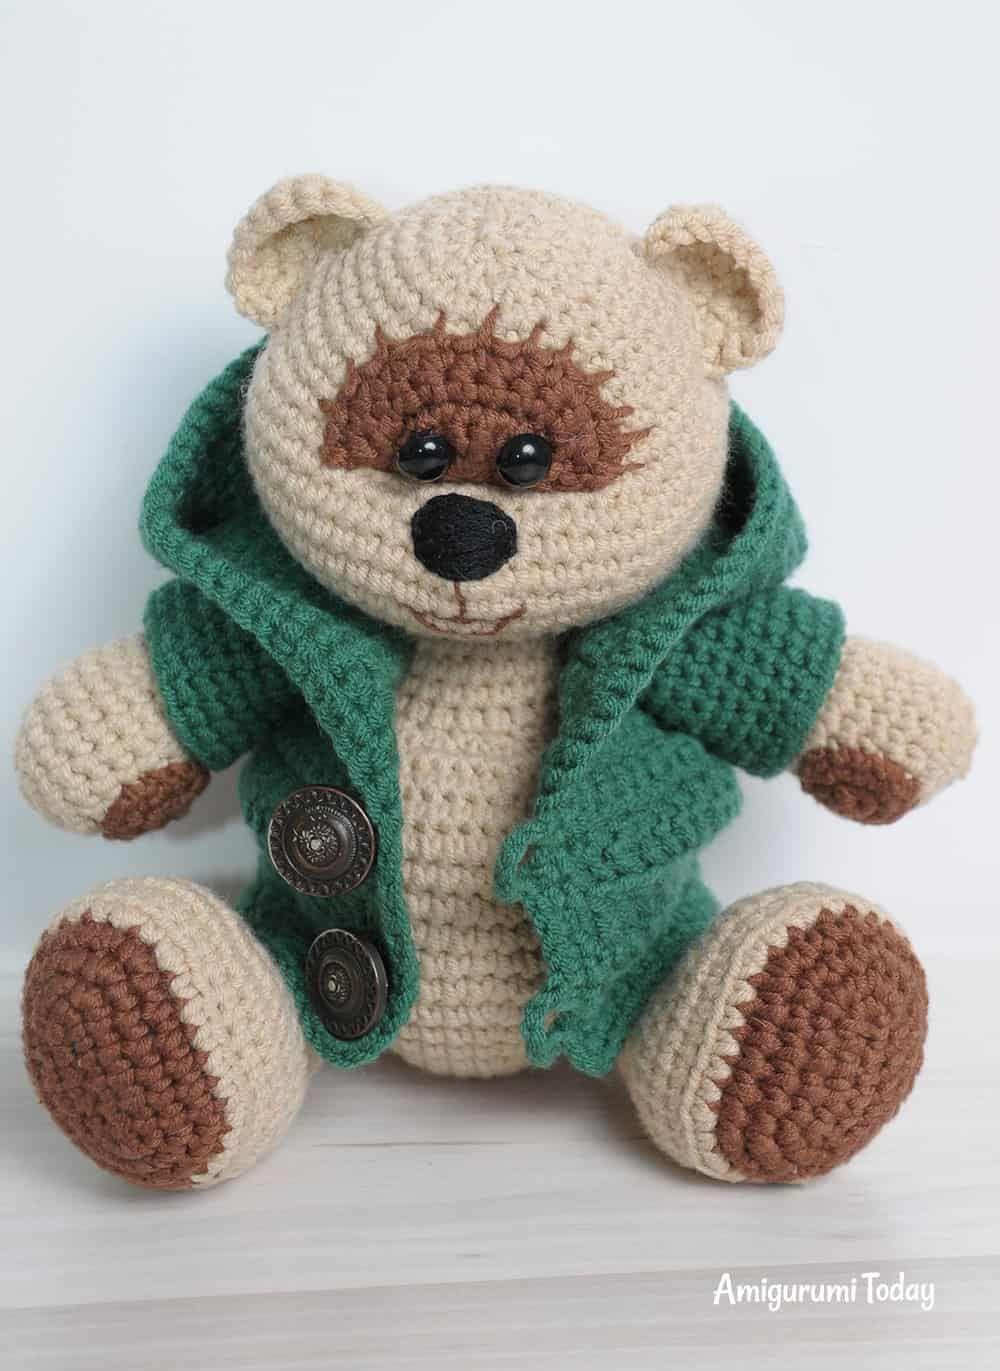 Honey teddy bears in love: crochet pattern | Pinterest | Amigurumi ...